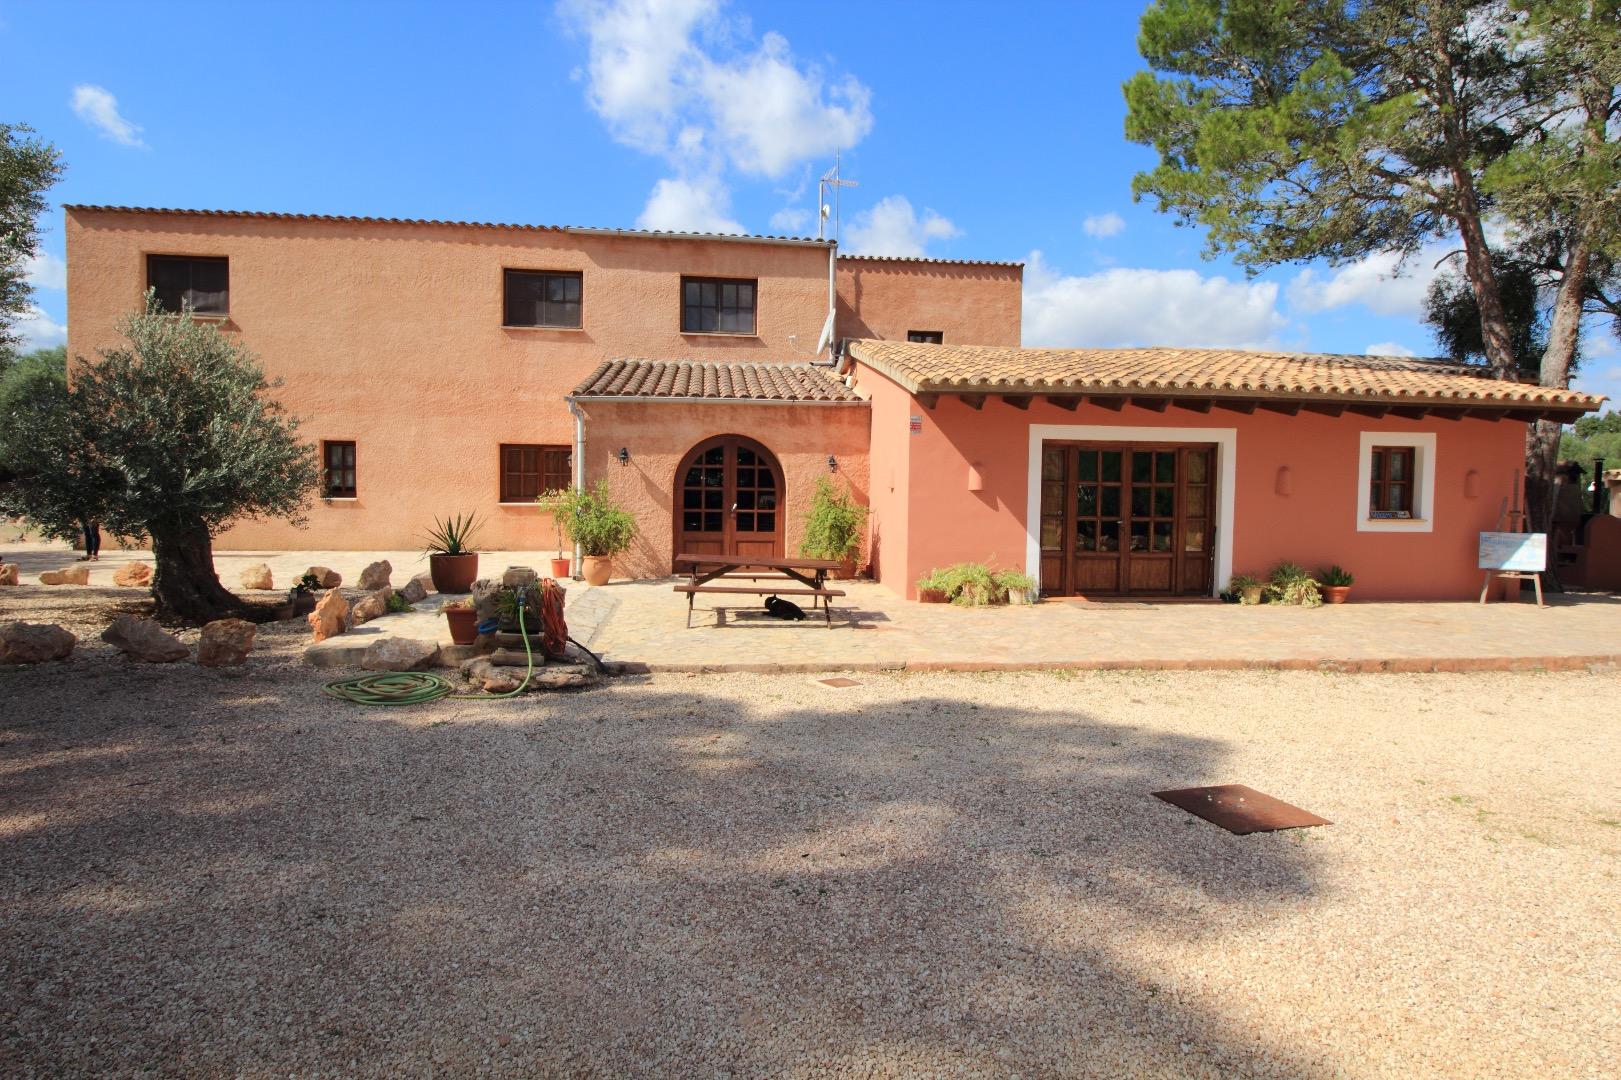 Alquiler de Temporada Casa  Camino son lluch. Espectacular villa de alto standing en una área muy privada, la